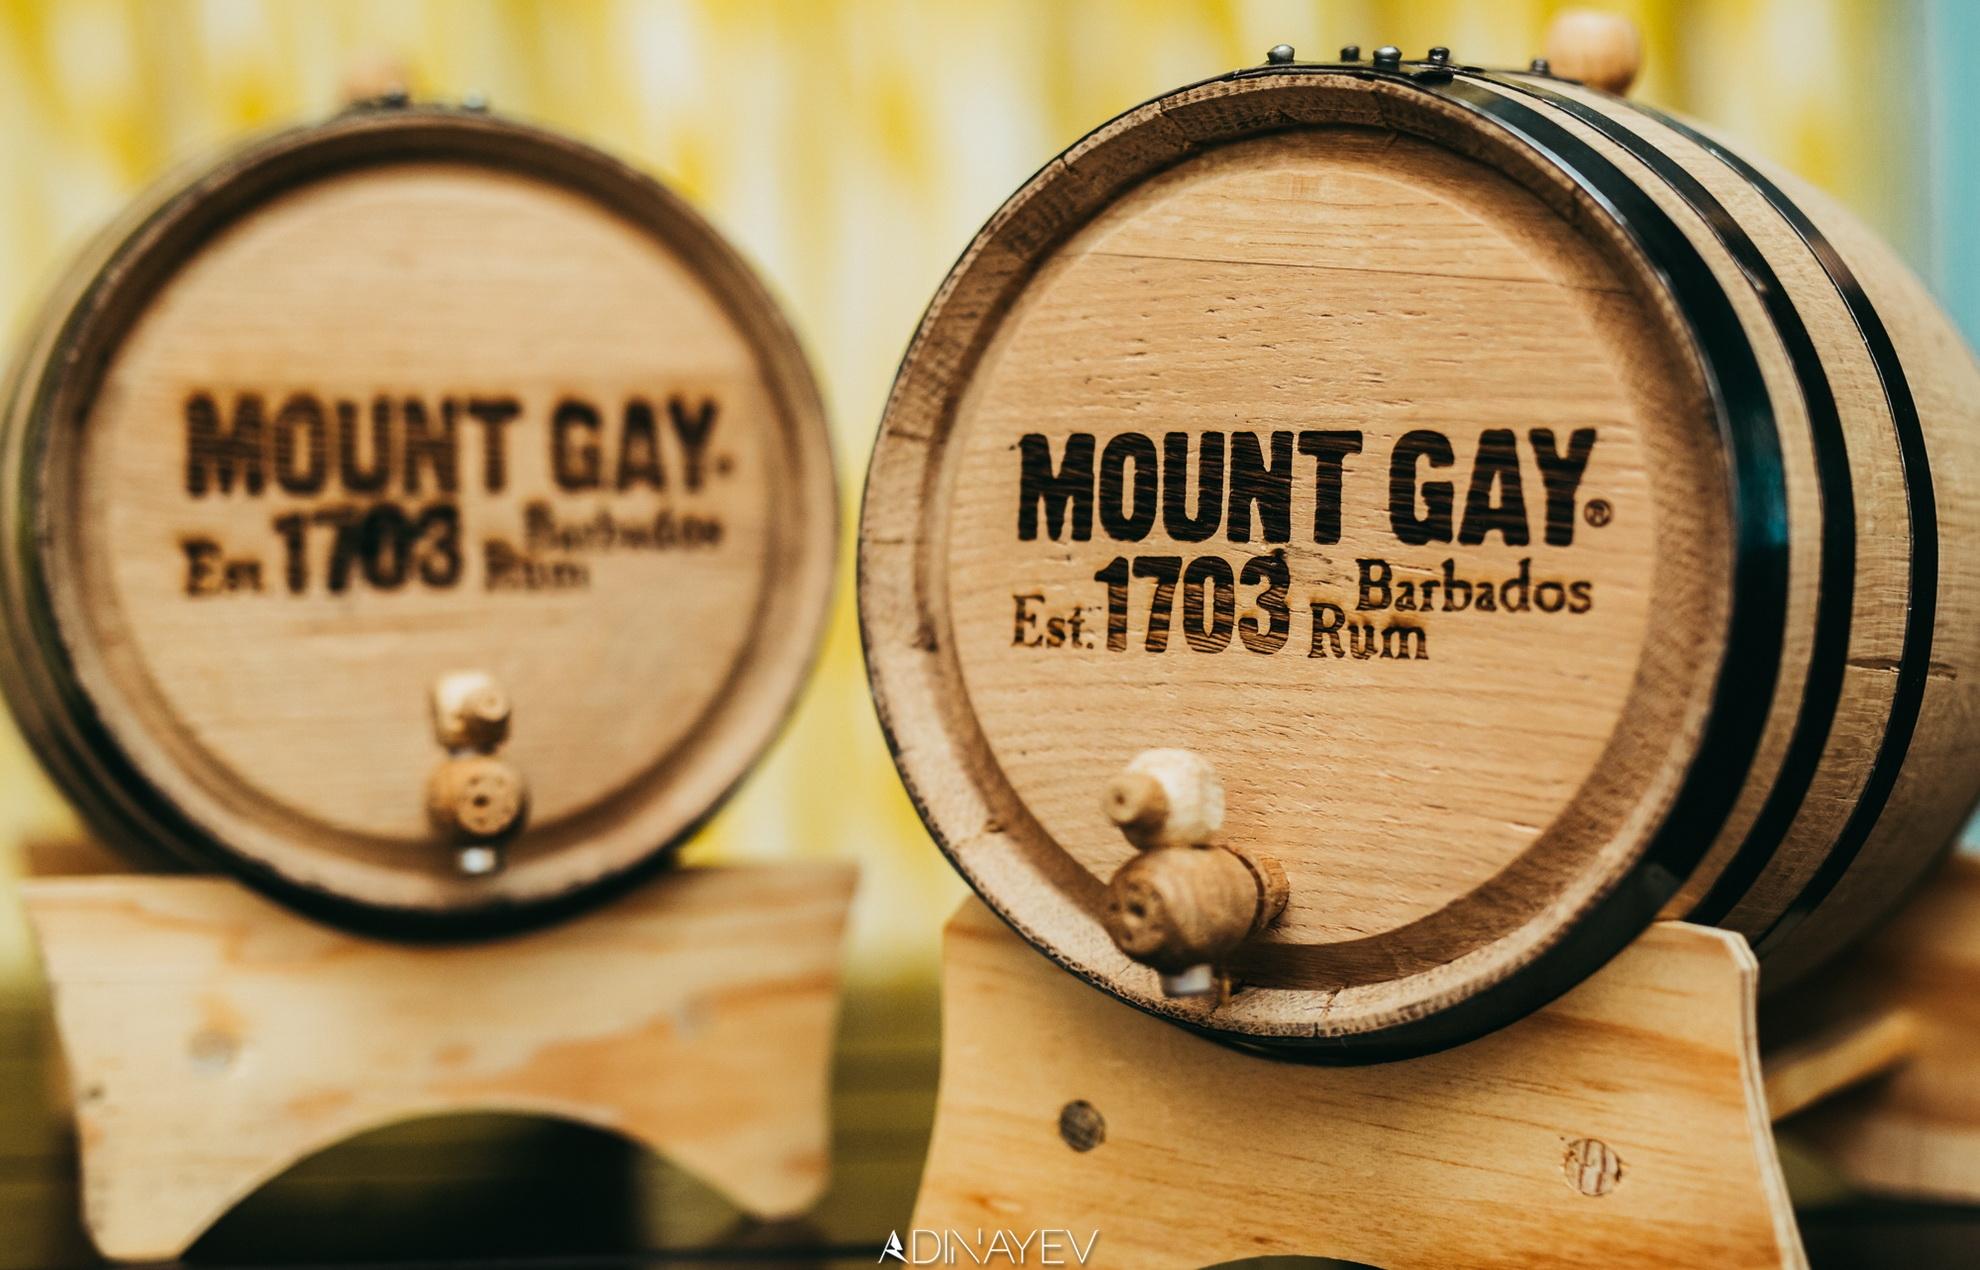 MOUNT GAY | MIAMI 2016